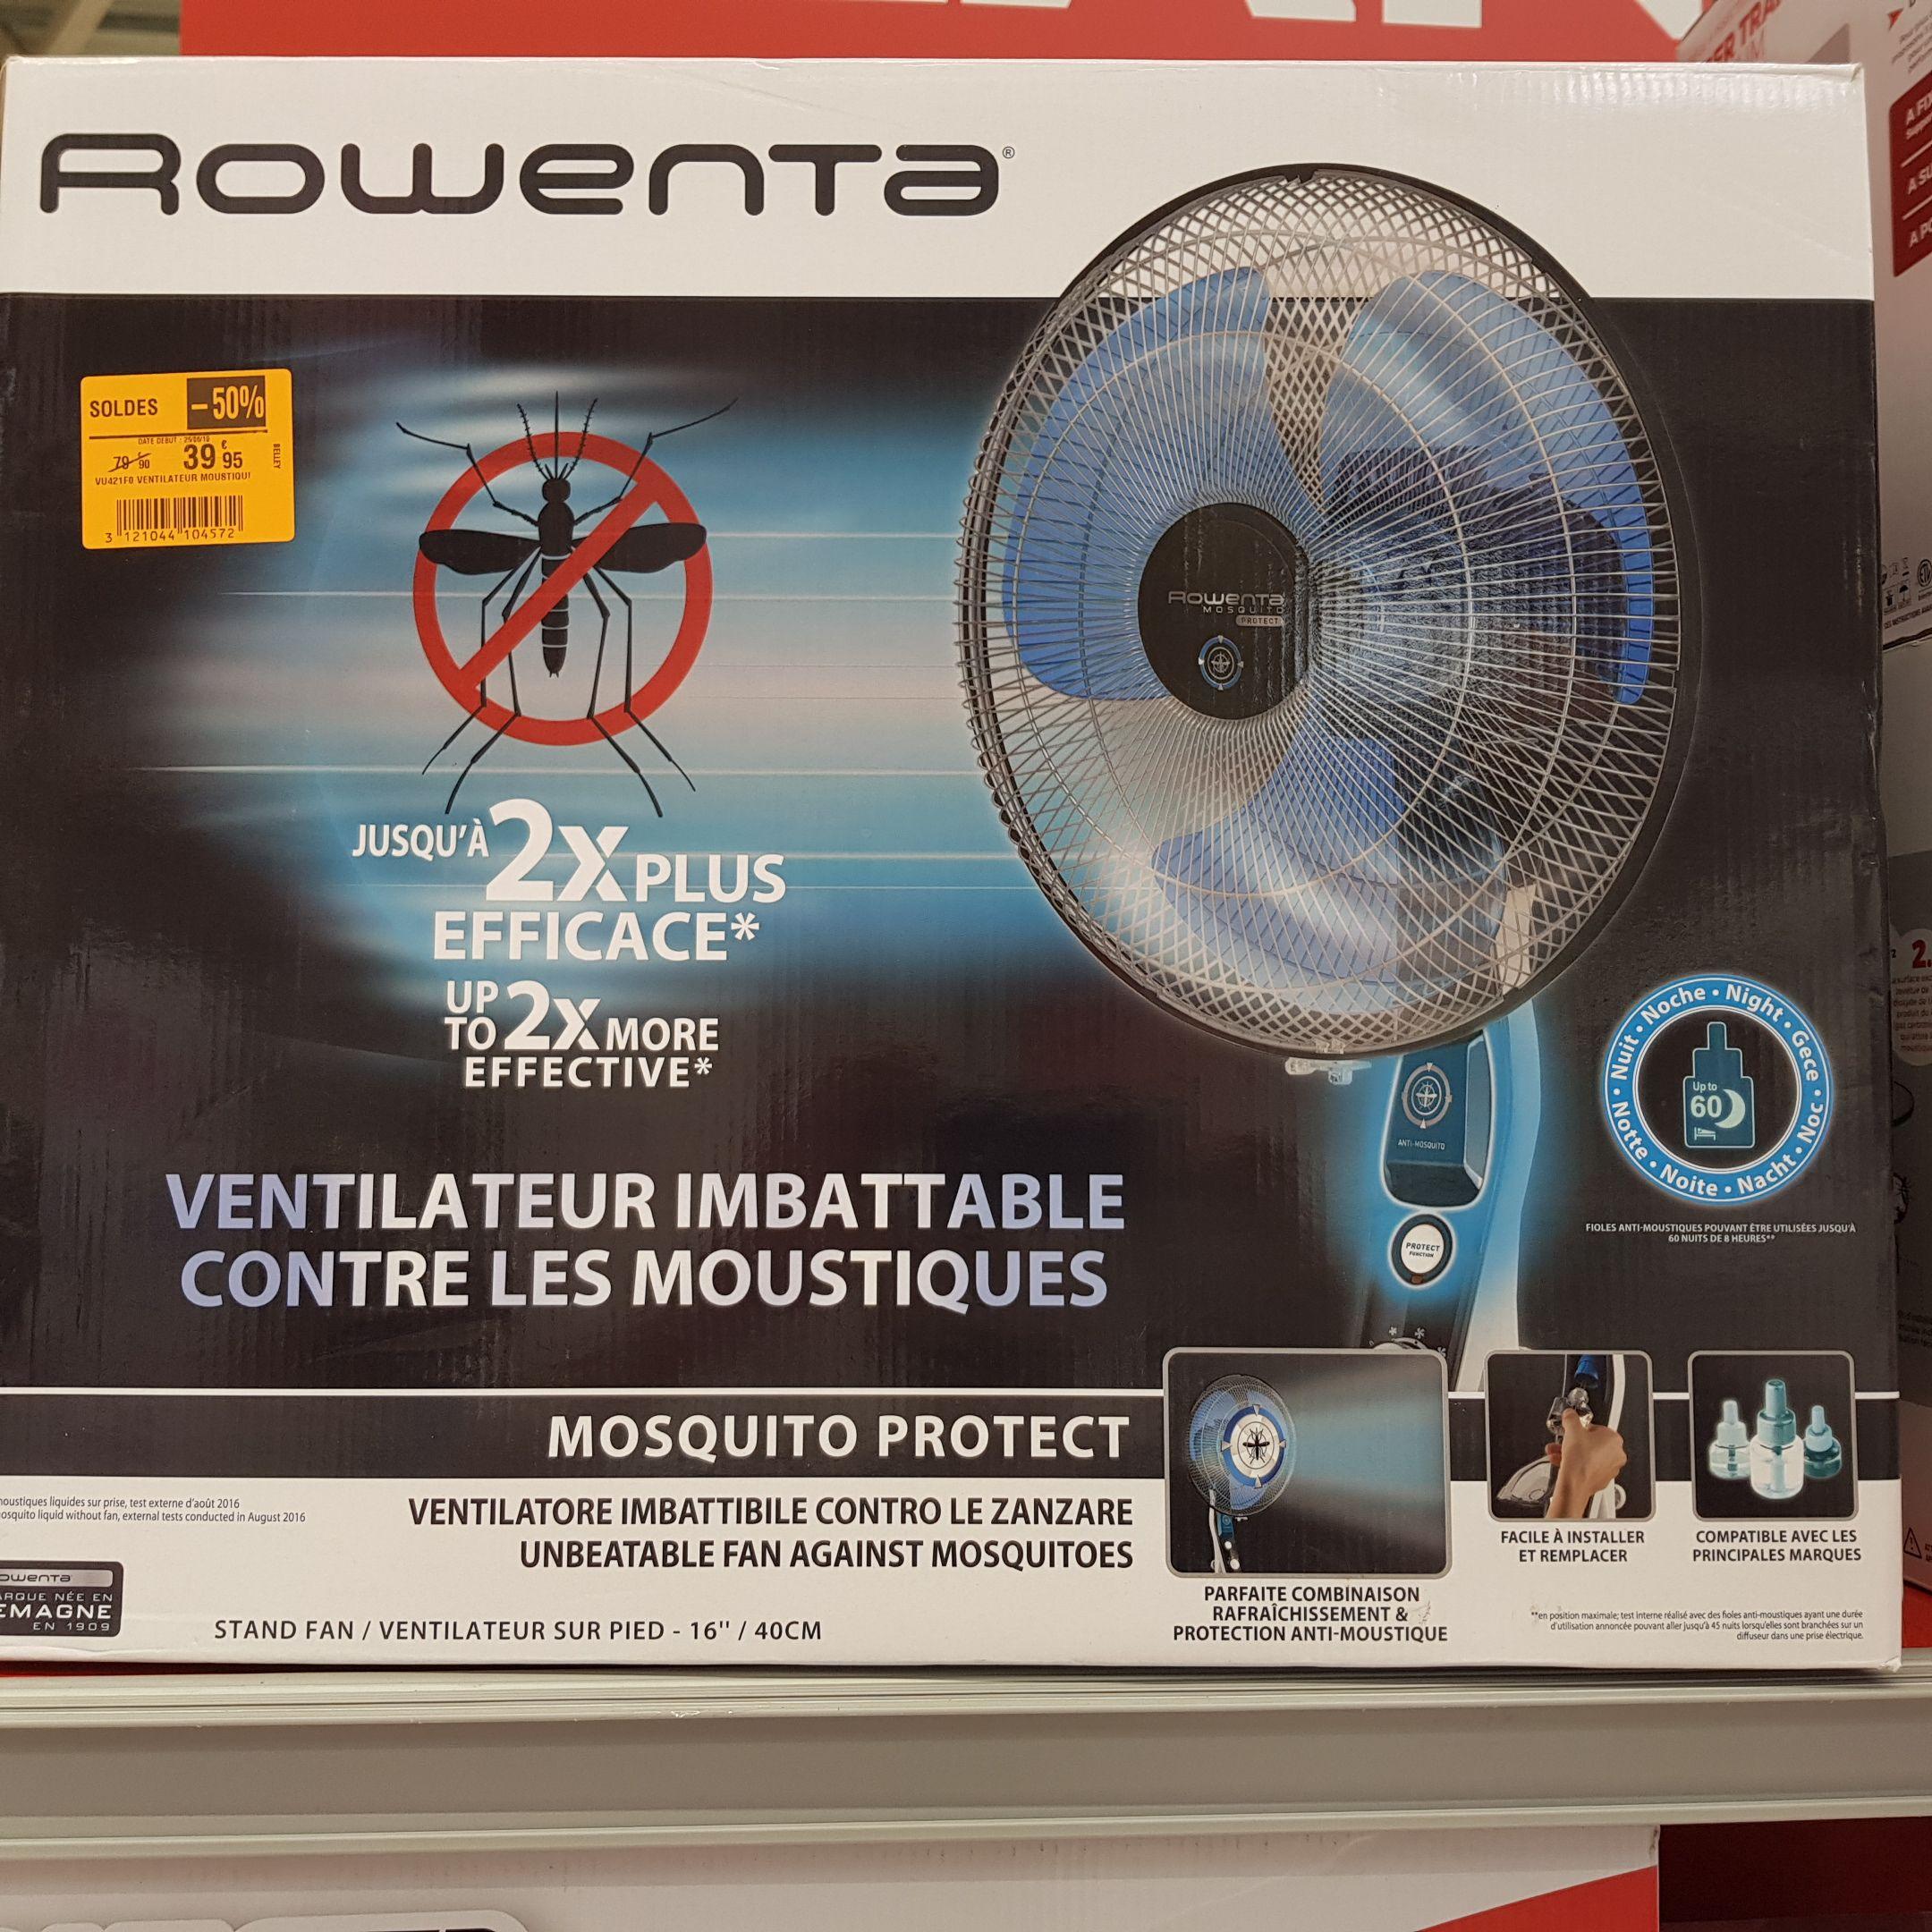 Ventilateur sur pied Rowenta Mosquito Protect - Ambérieu-en-Bugey (01)